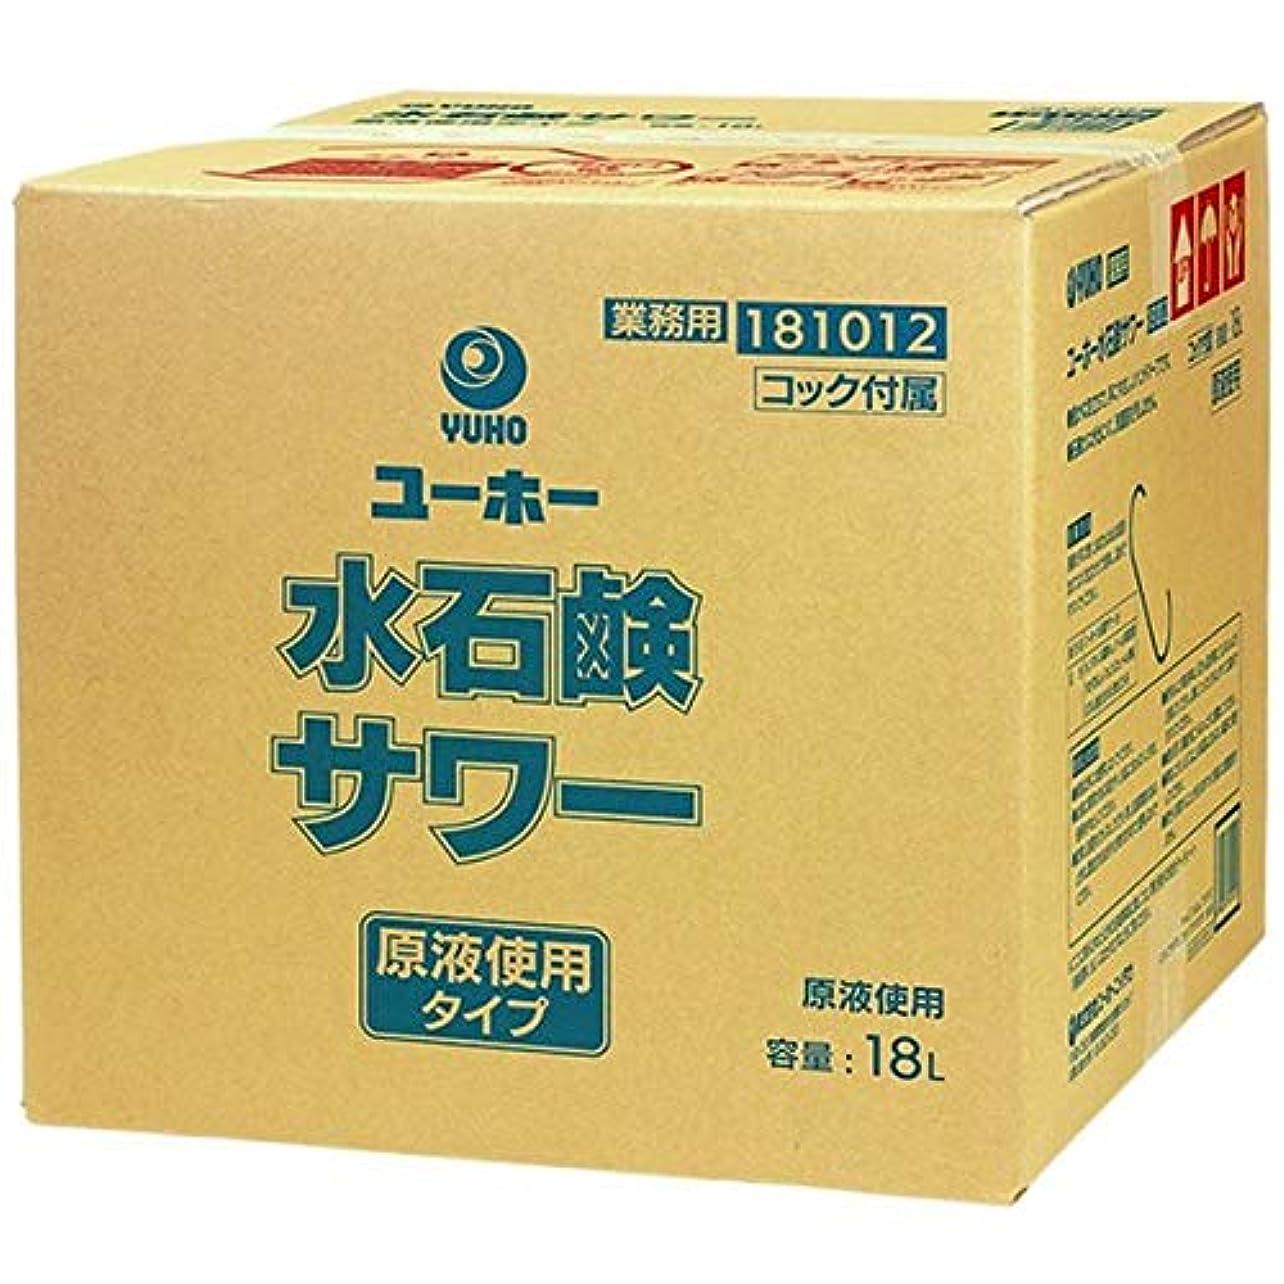 ホテルキャプションシェア業務用 ハンドソープ 水石鹸サワー 原液タイプ 18L 181011 (希釈しないで使用できる原液タイプのハンドソープ)